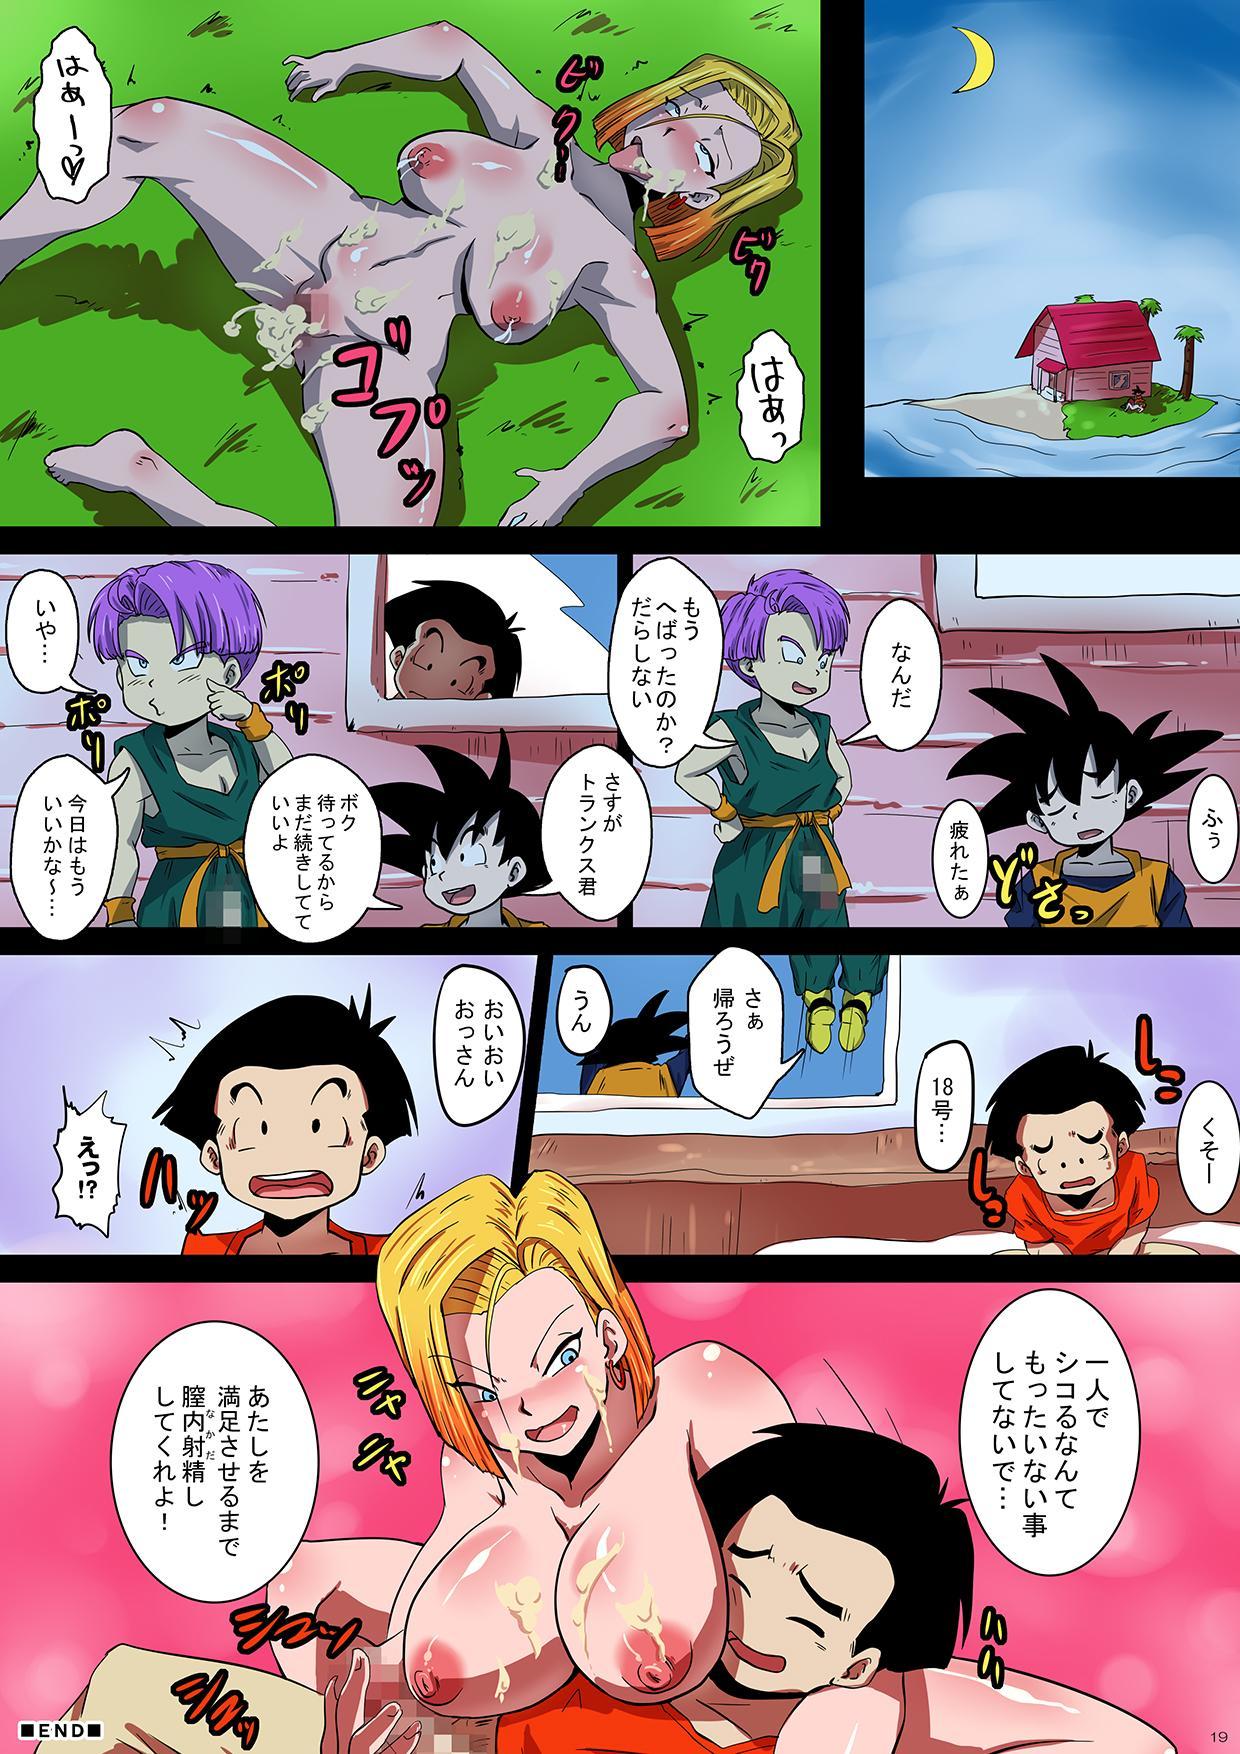 [Yuzuponz (Rikka Kai) SHOTACON HOLE Shinkon Hitozuma 18-gou no Tsukinai Seiyoku (Dragon Ball Z) [Digital] 18